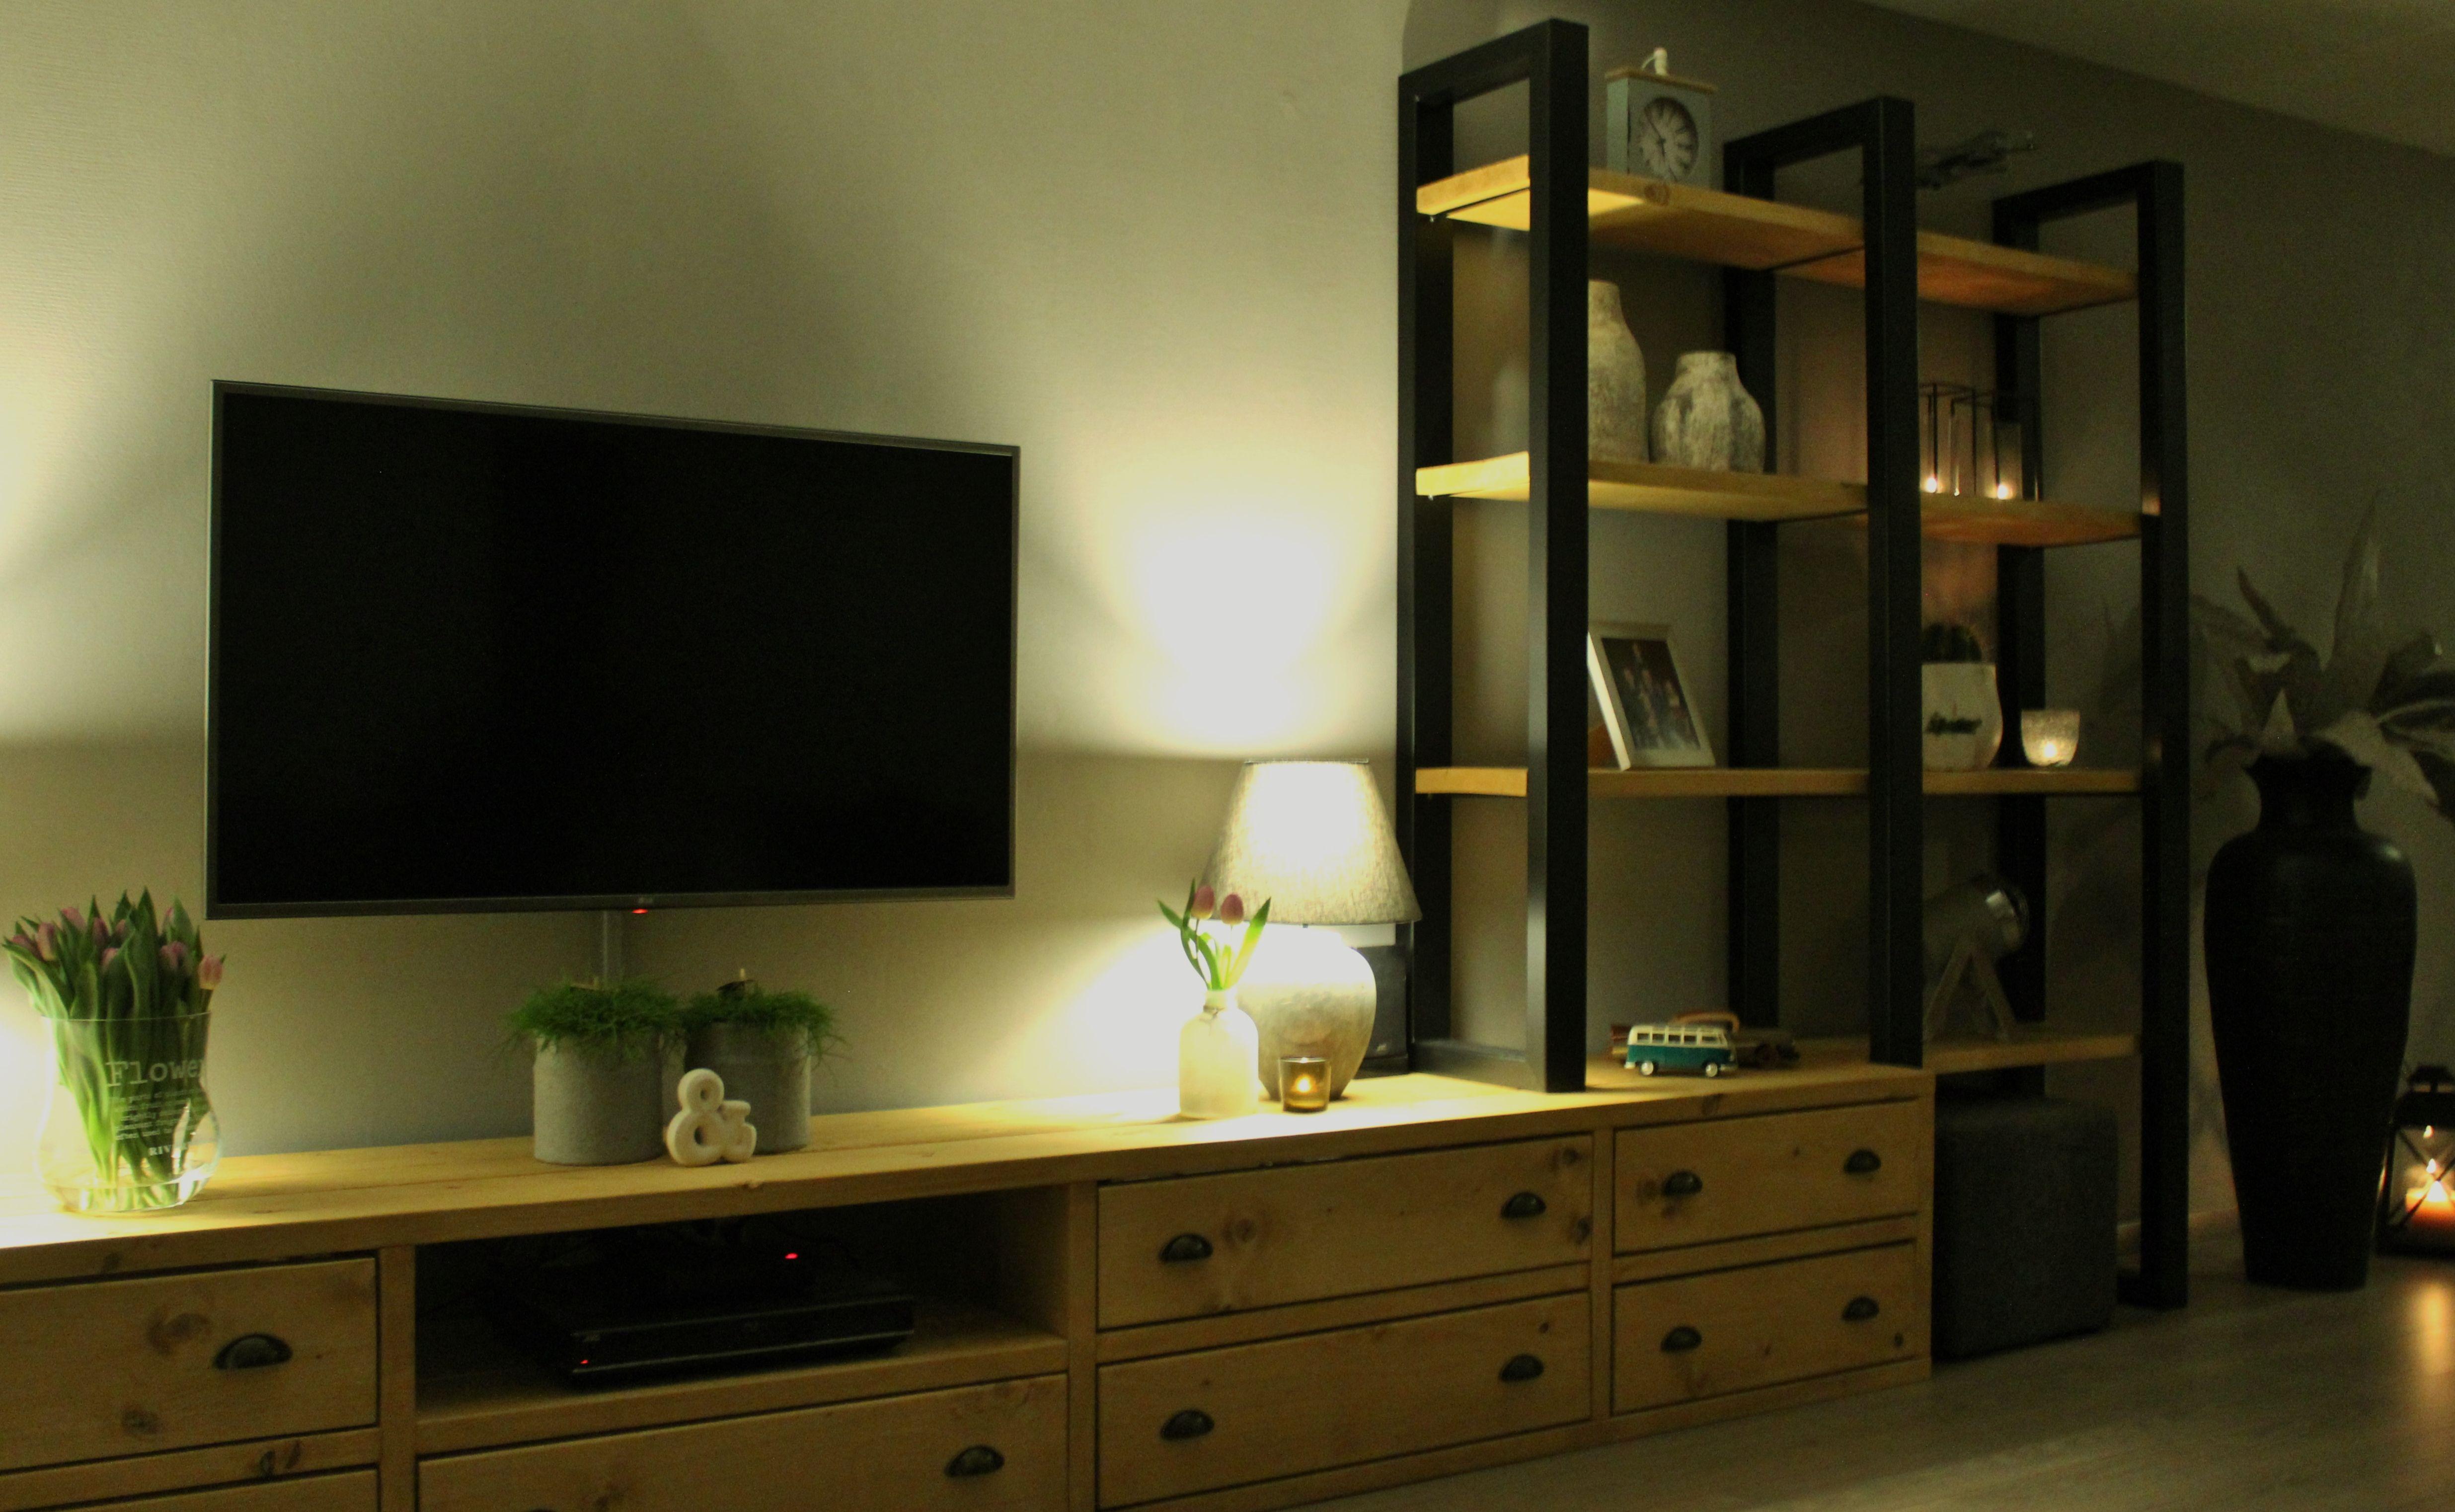 Tv meubel kast a vendre ememain be